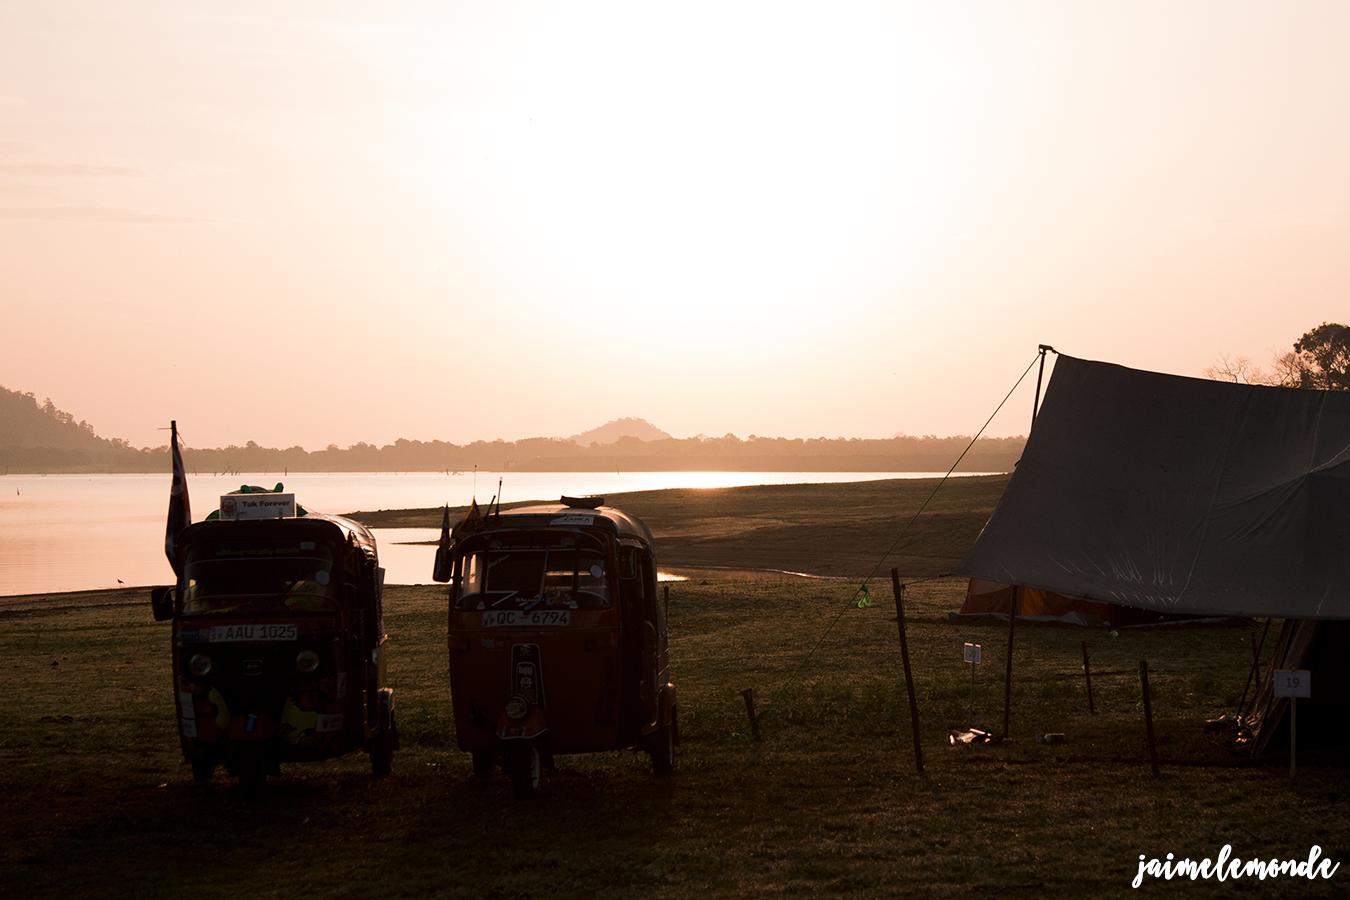 lanka-challenge-2016-avec-nomade-aventure-jaimelemonde-28